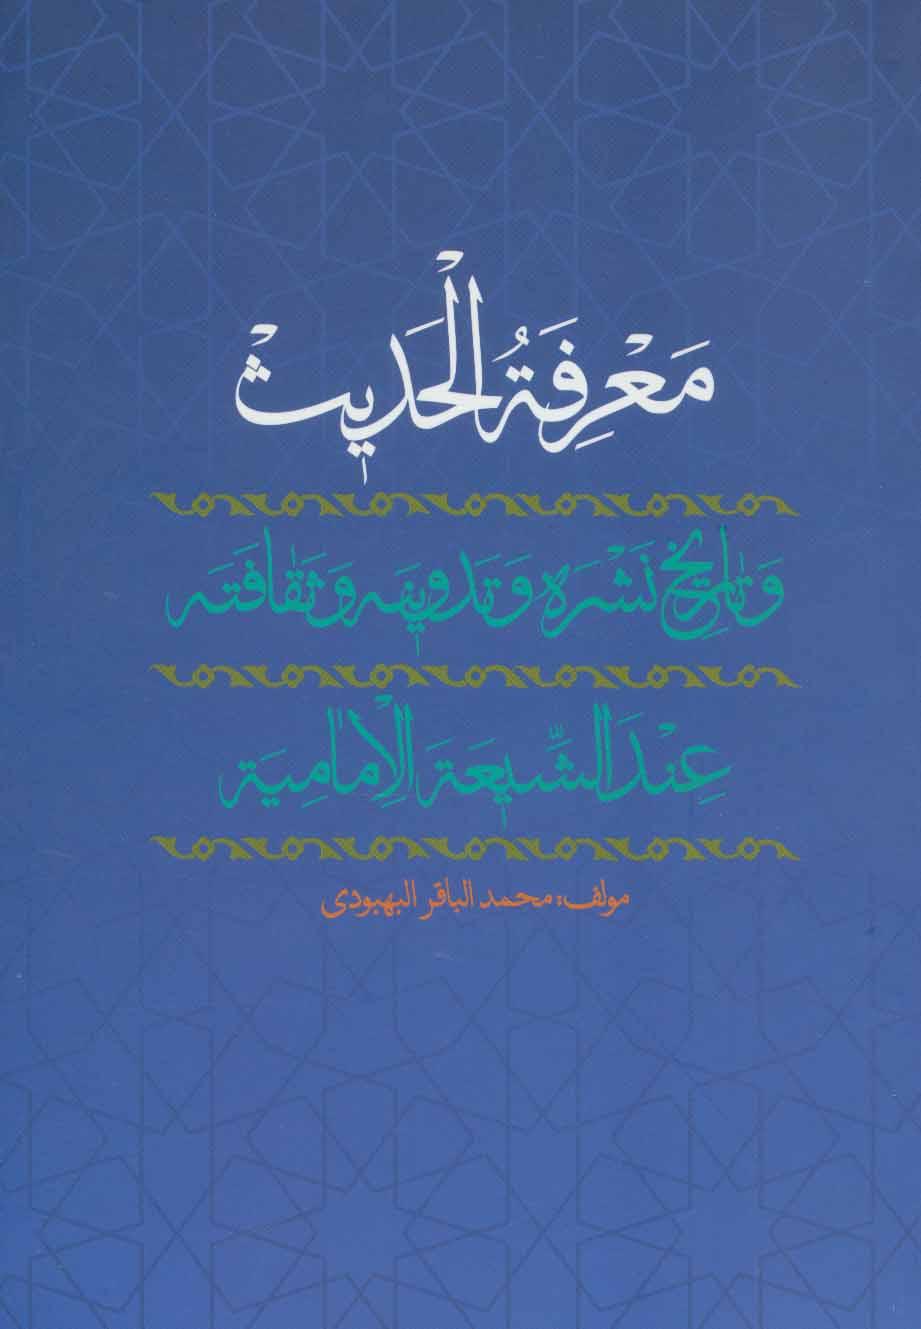 معرفه الحدیث و تاریخ نشره و تدوینه و ثقافته عند الشیعه الامامیه (عربی)،(تک زبانه)